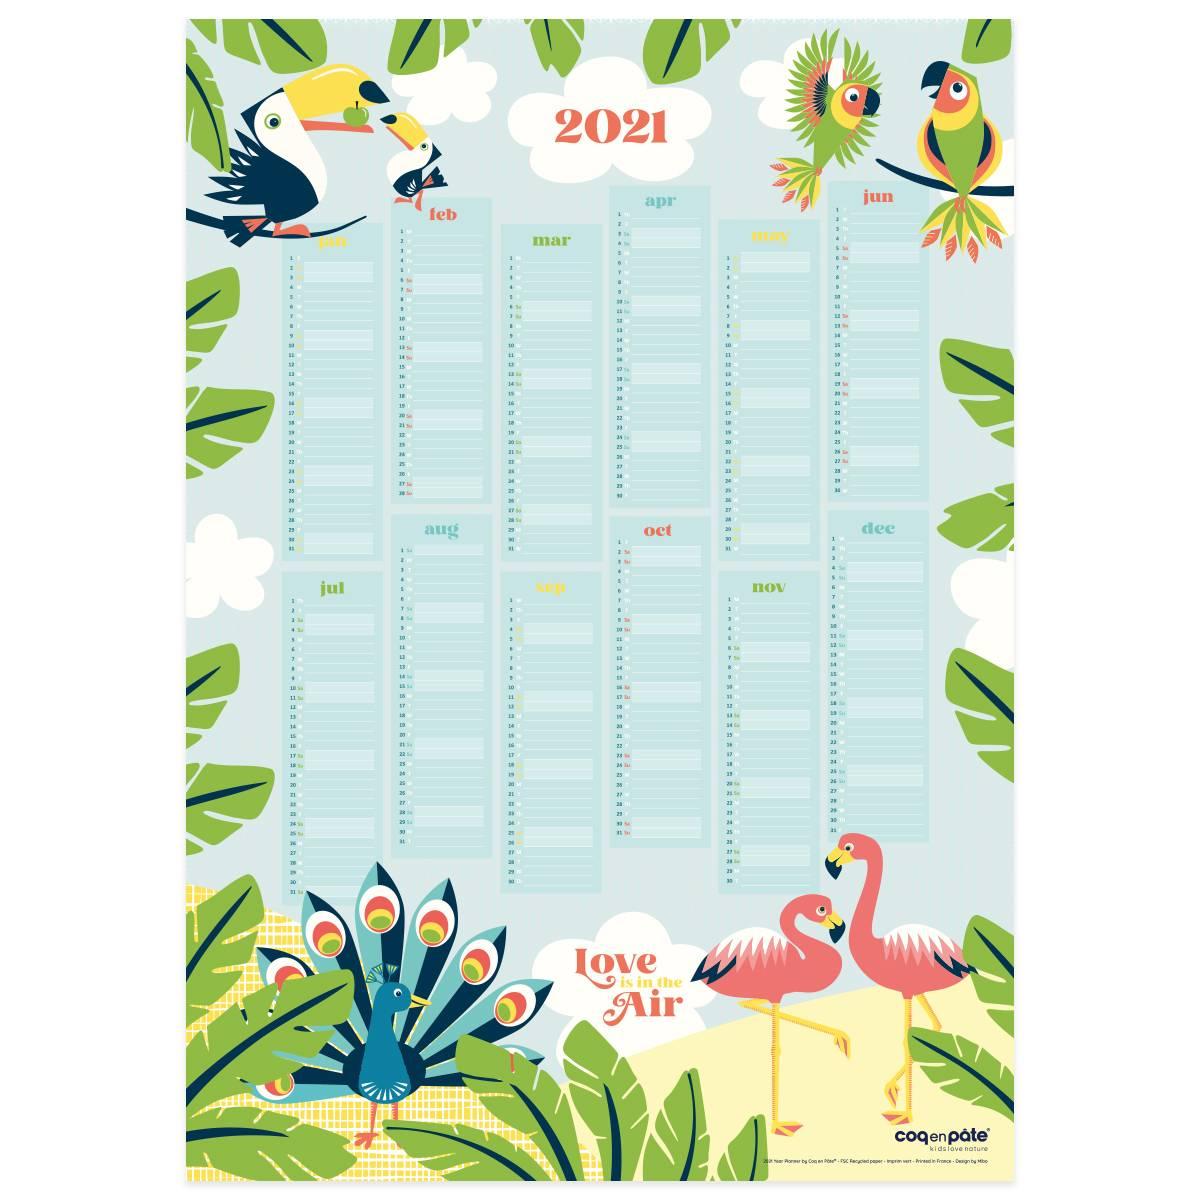 2021 Calendar Poster for Deer Activity Calendar 2021